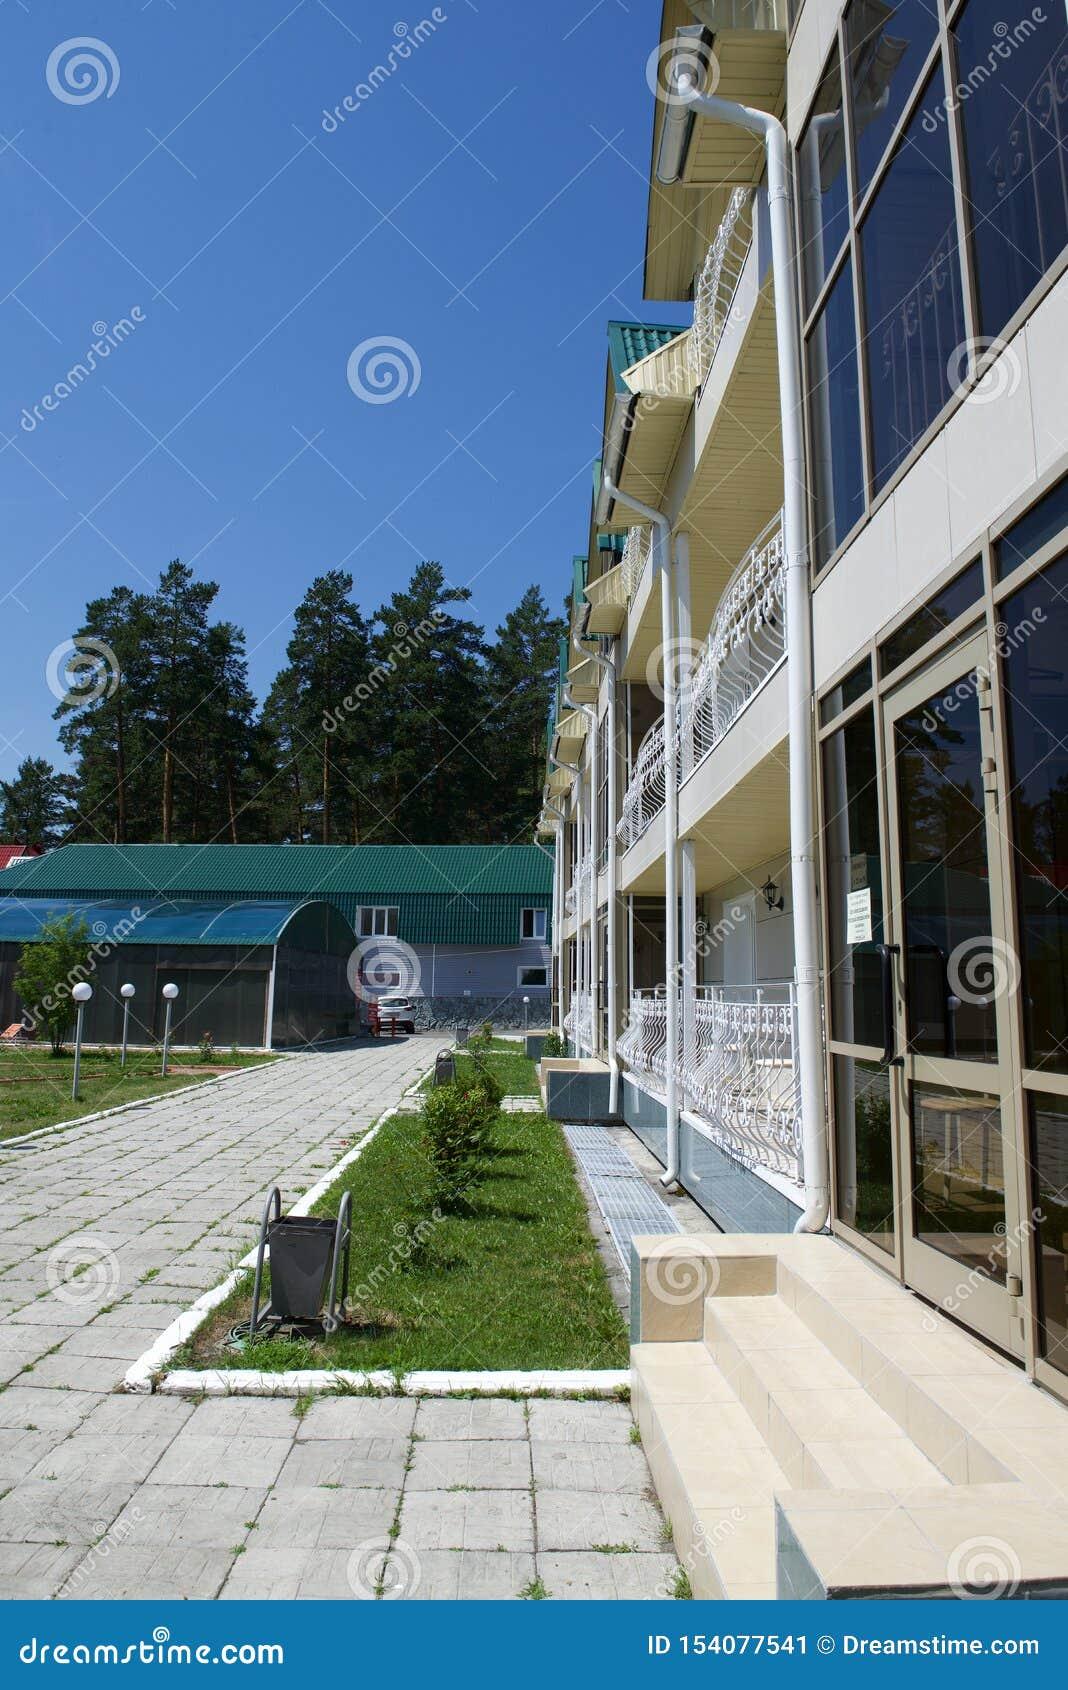 Hotel, recreatiecentrum, de drie-verhaal bouw